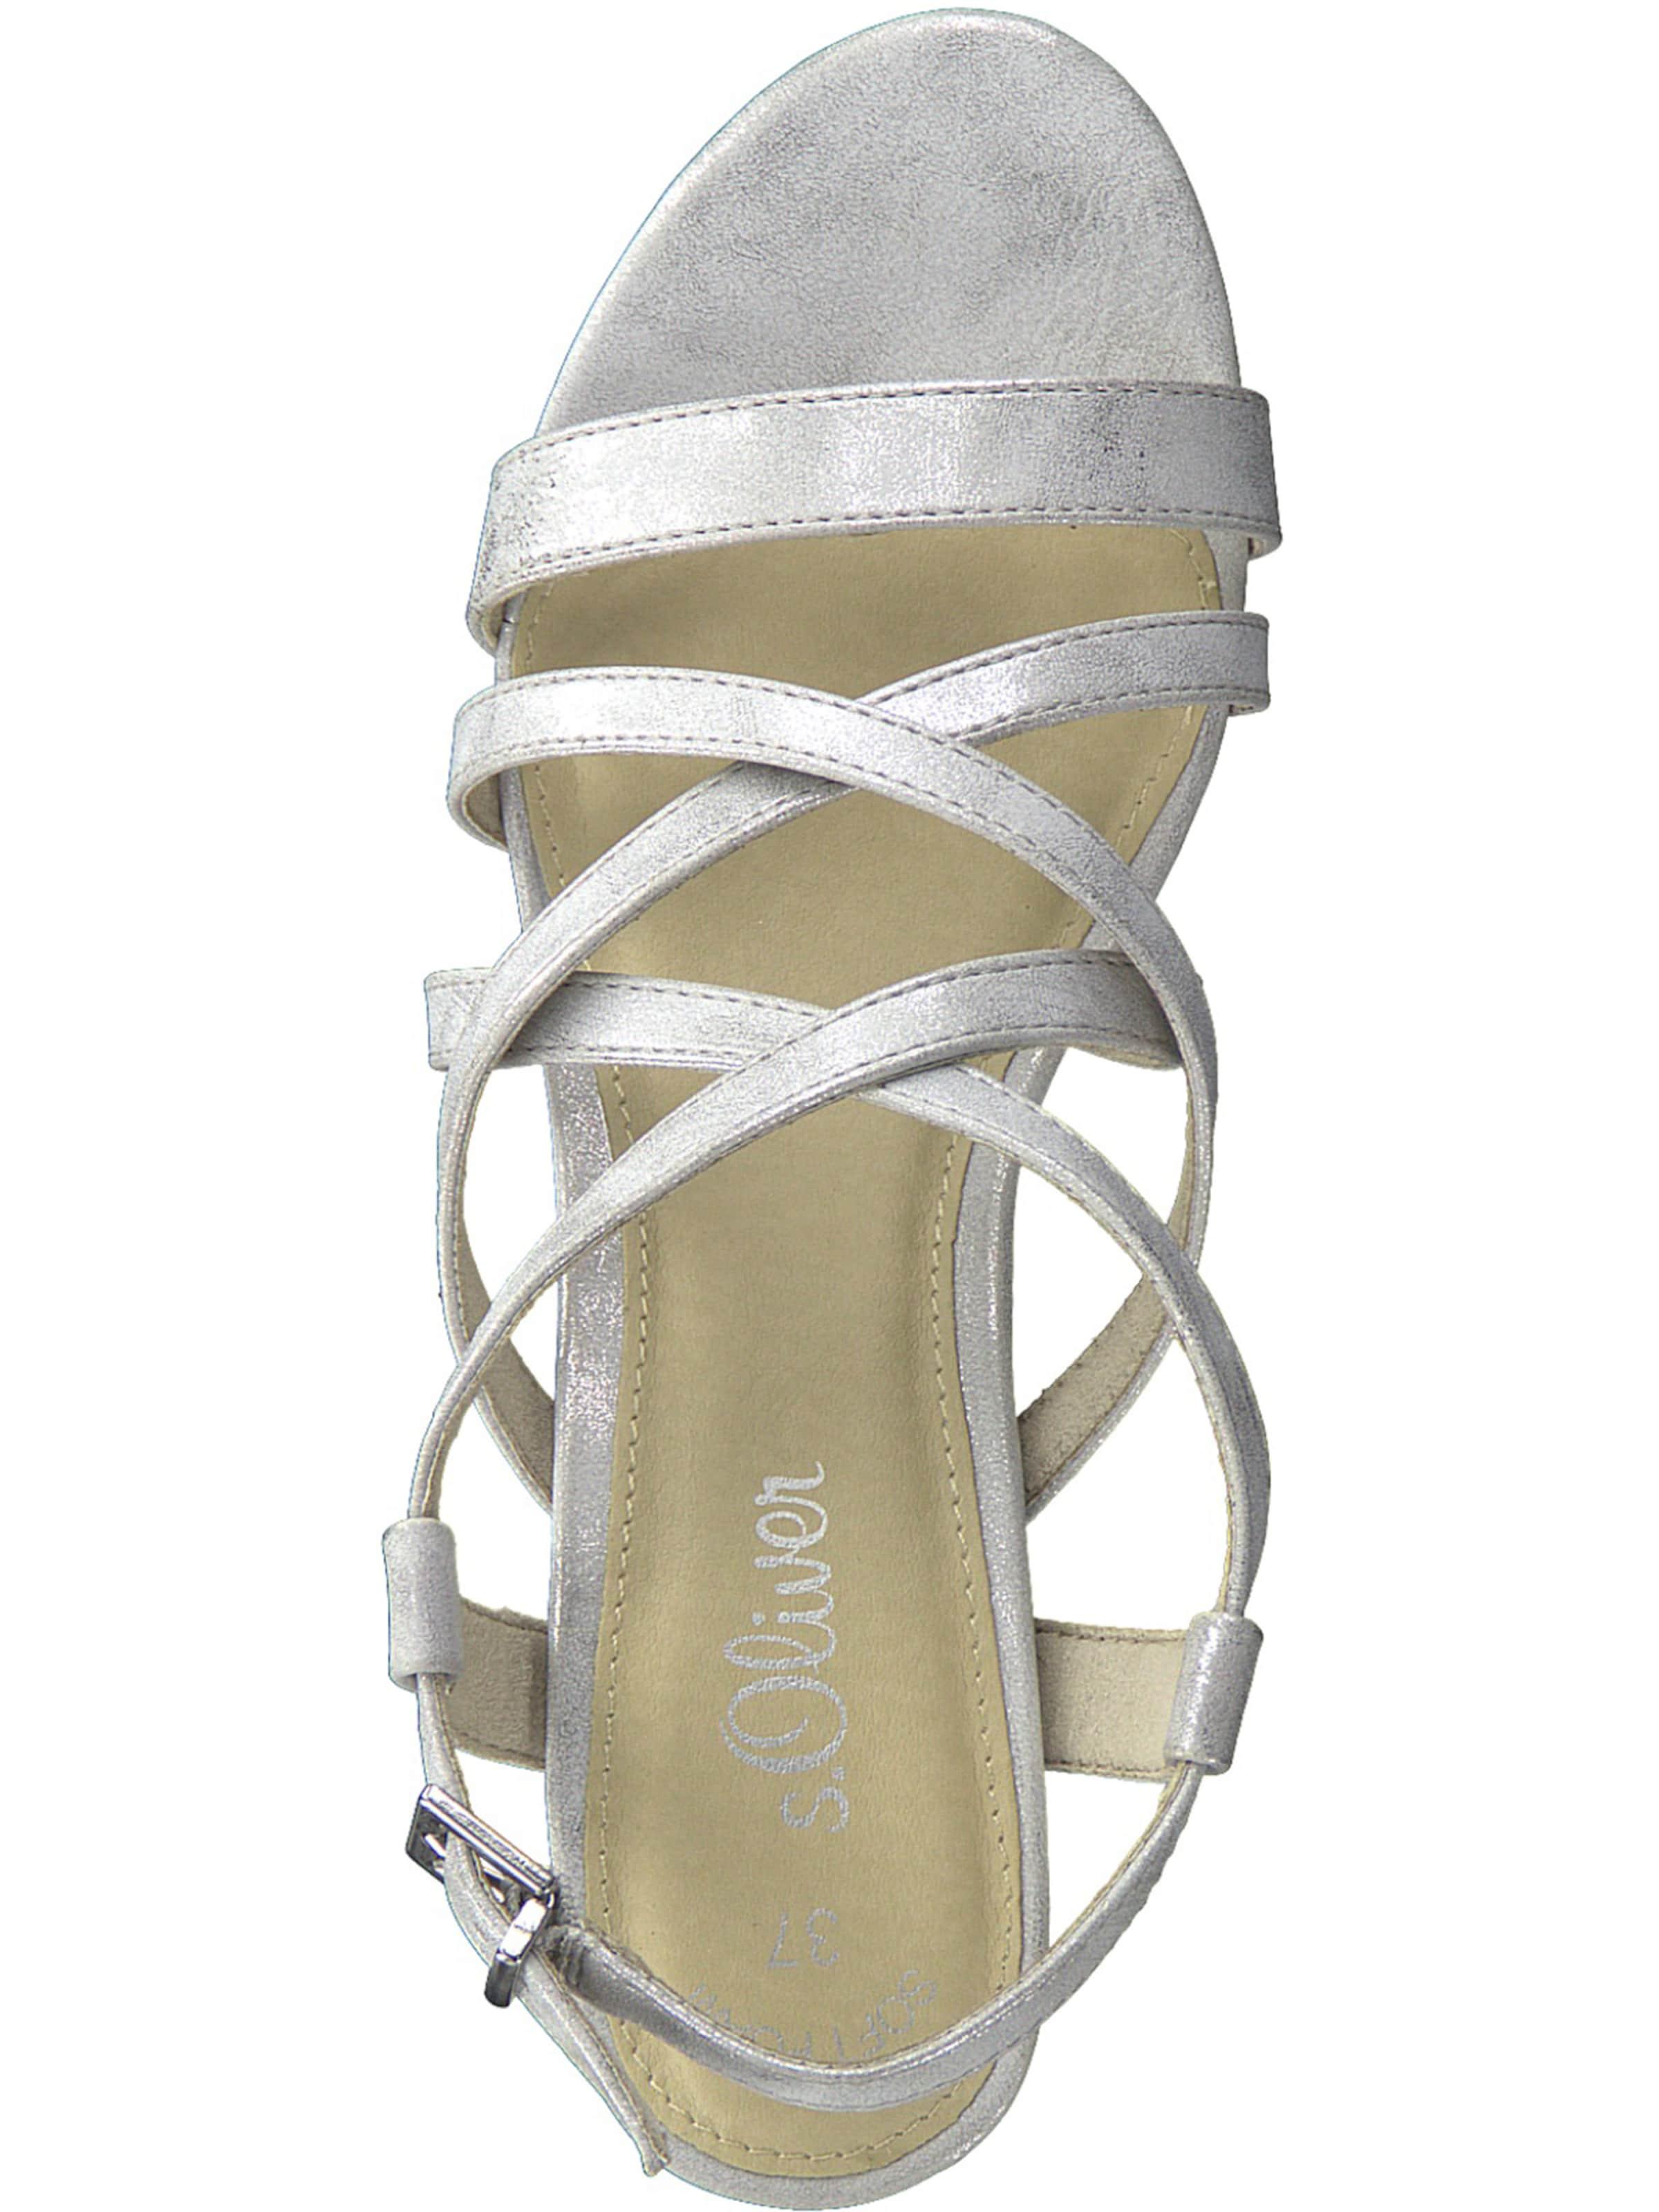 S oliver oliver Sandale In oliver S Silber Sandale S Silber In MVGSzqpU